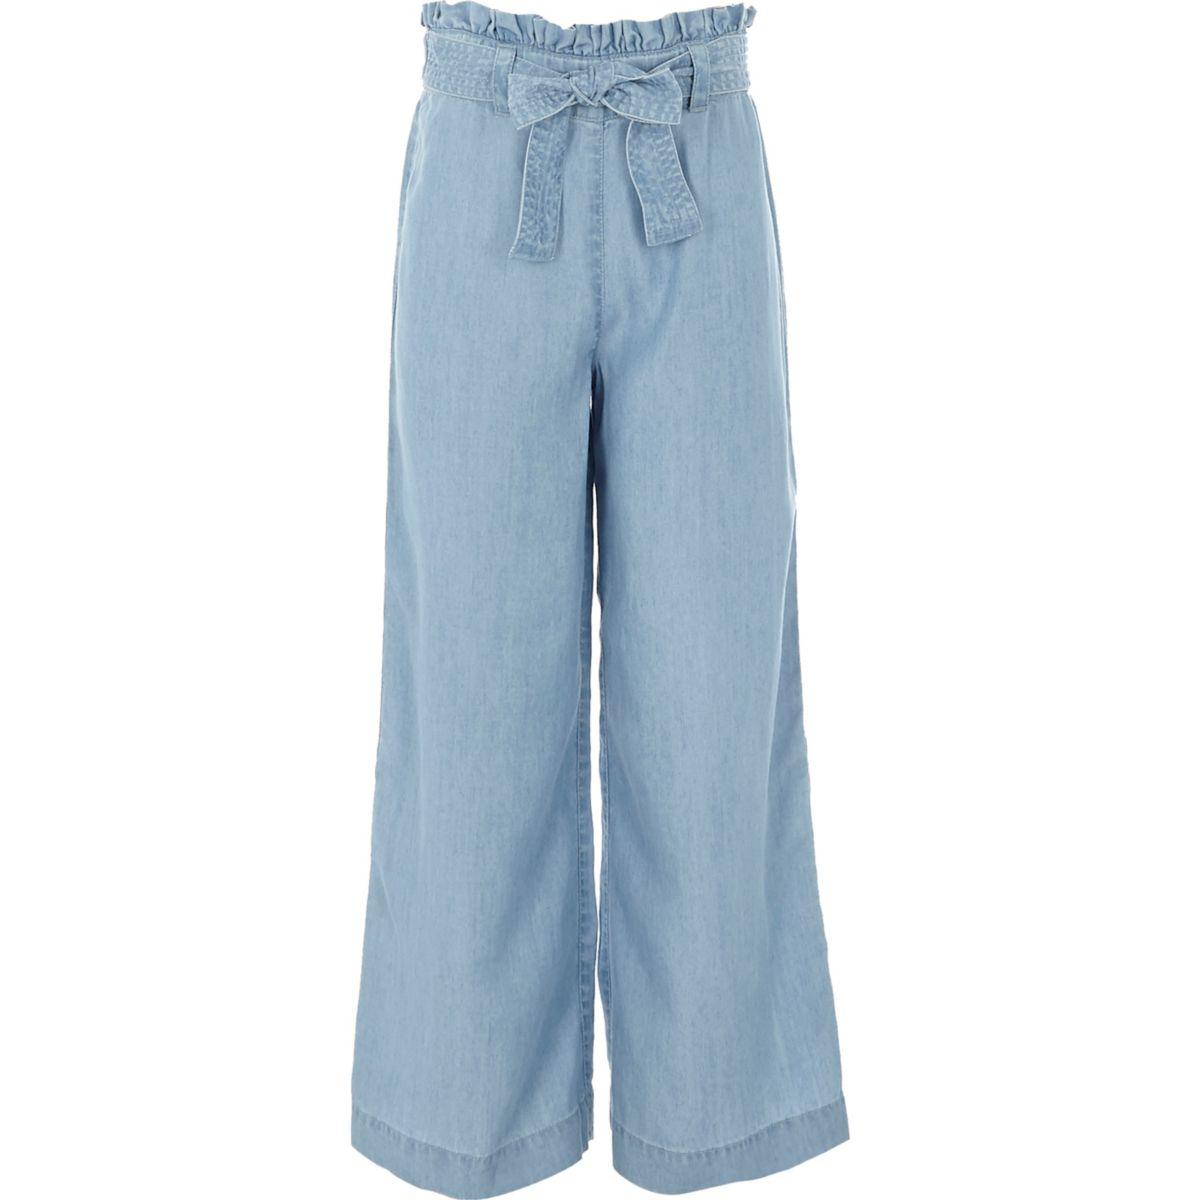 Pantalon large en denim bleu clair pour fille